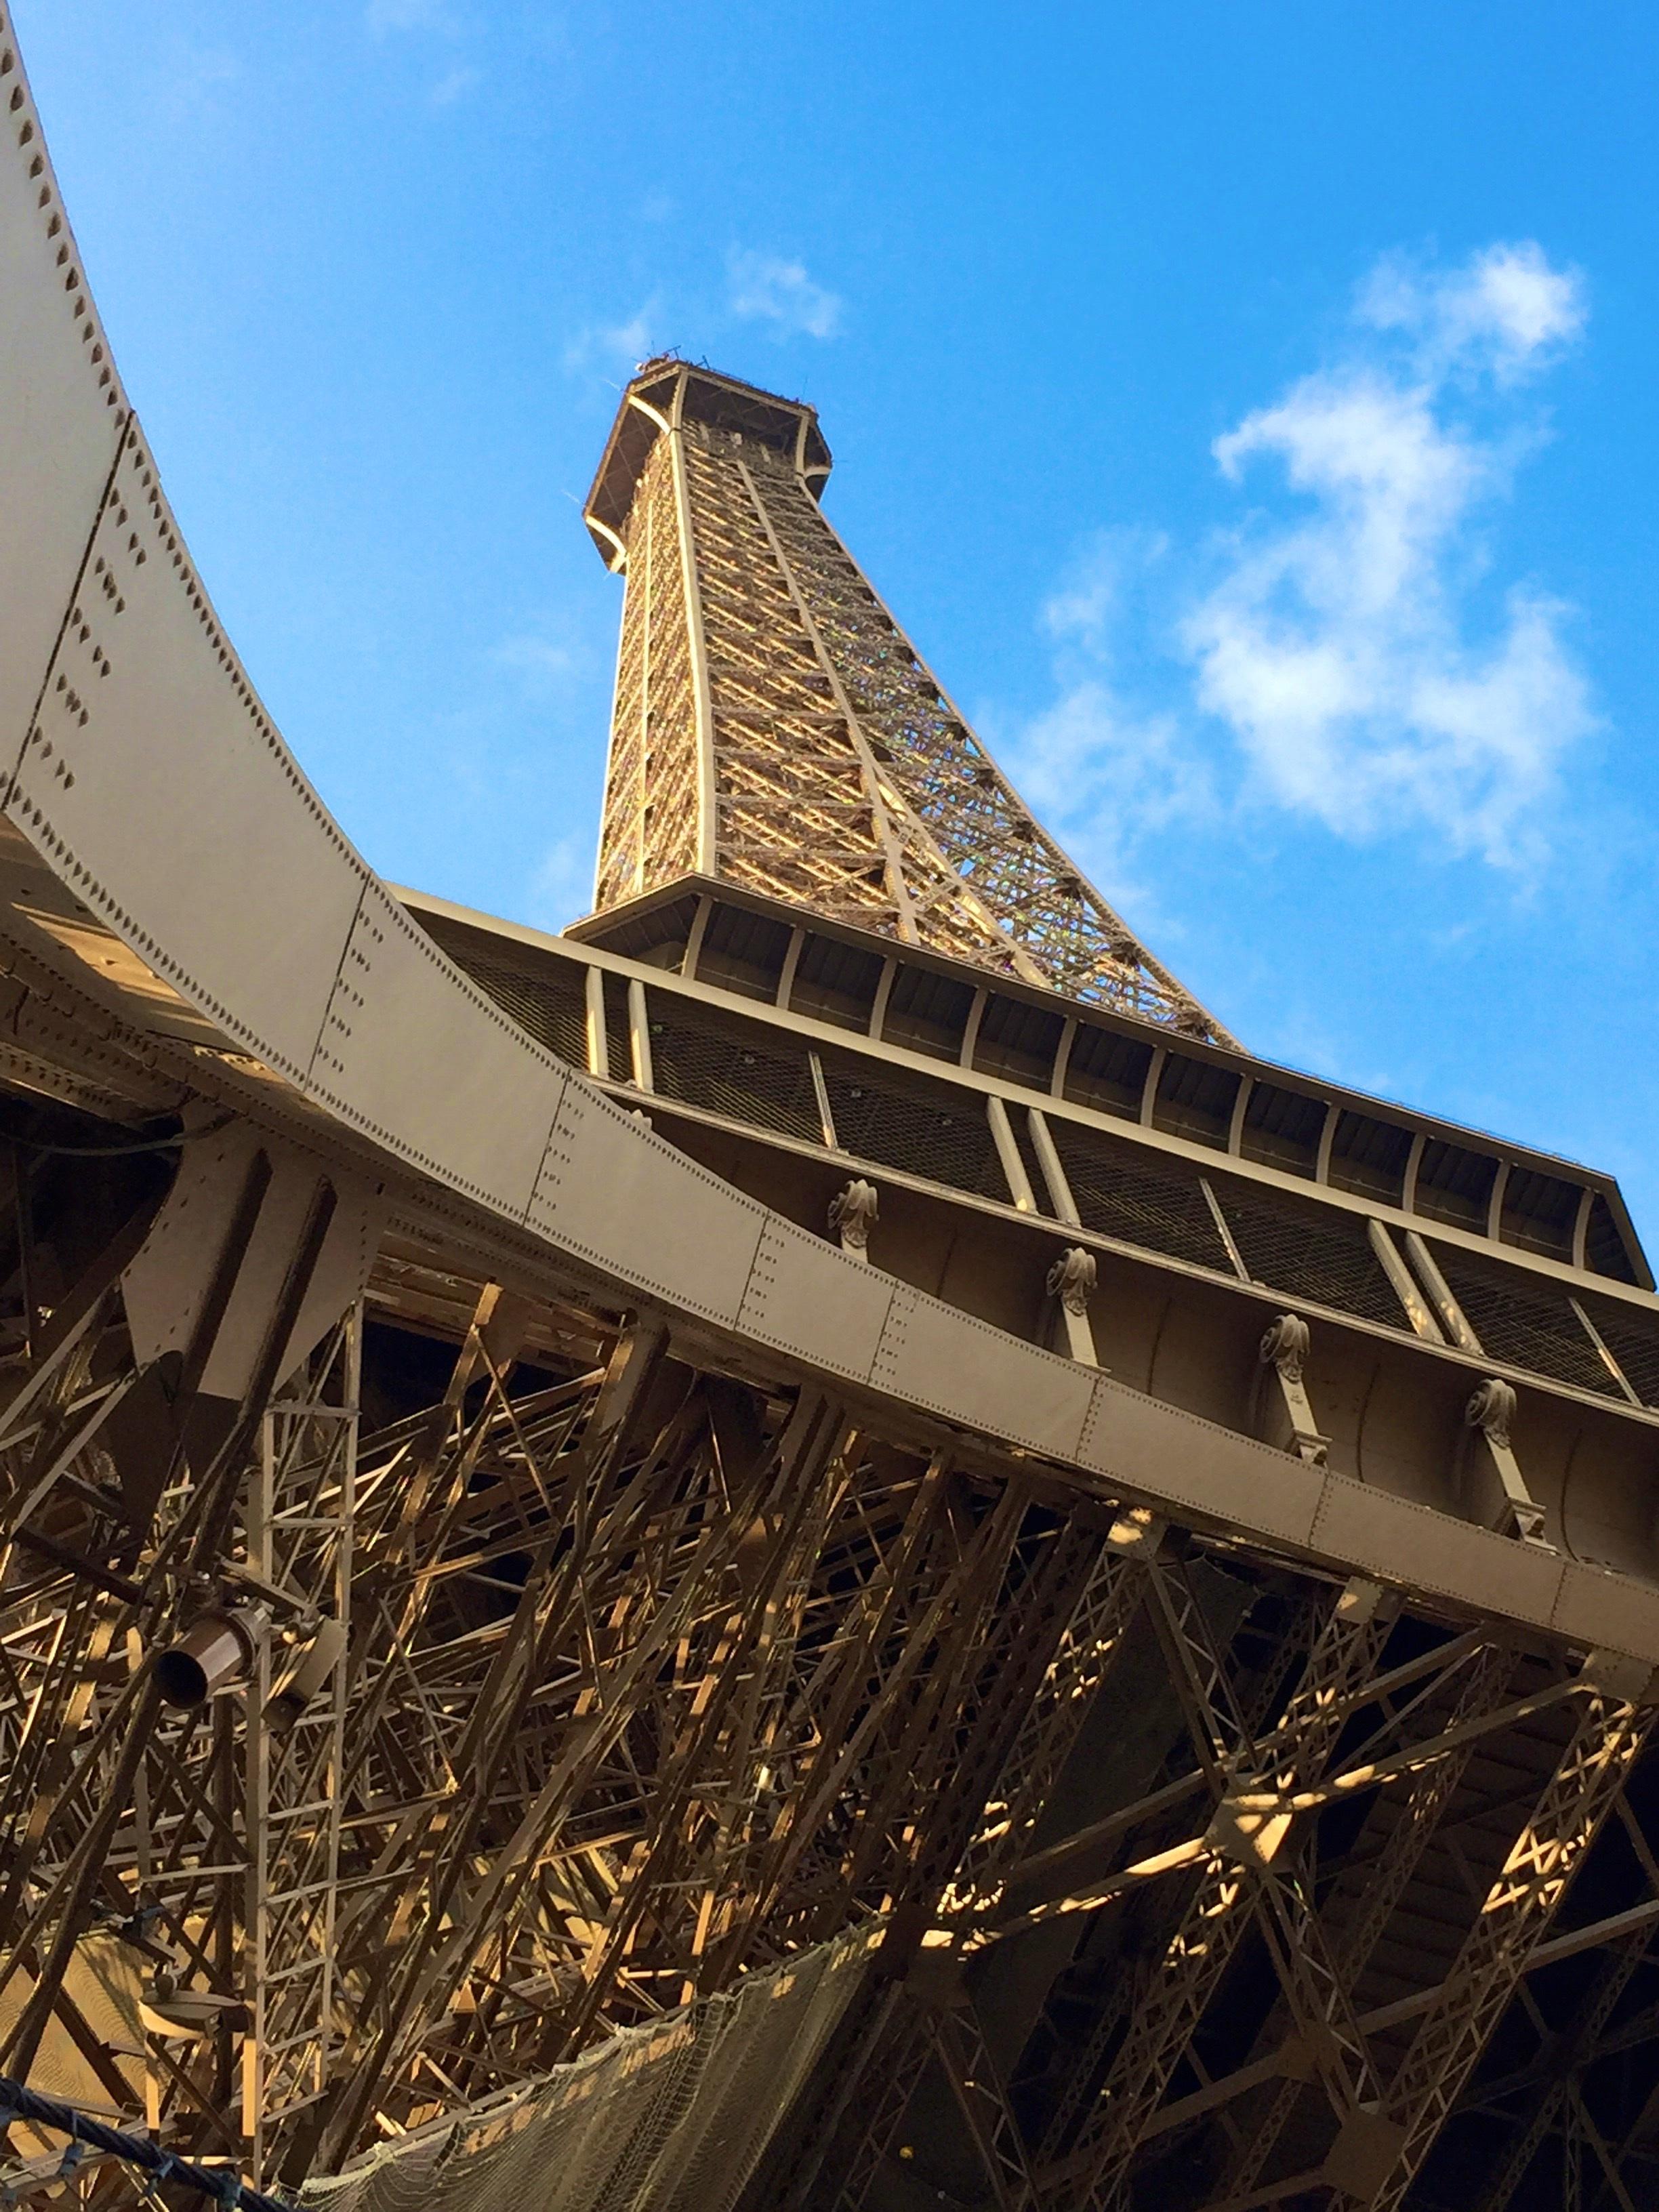 Bildet Paris Turist Frankrike Europa Tarn Landemerke Turisme Hovedstad Eiffel Fransk 2448x3264 883301 Bilder Gratis Pxhere